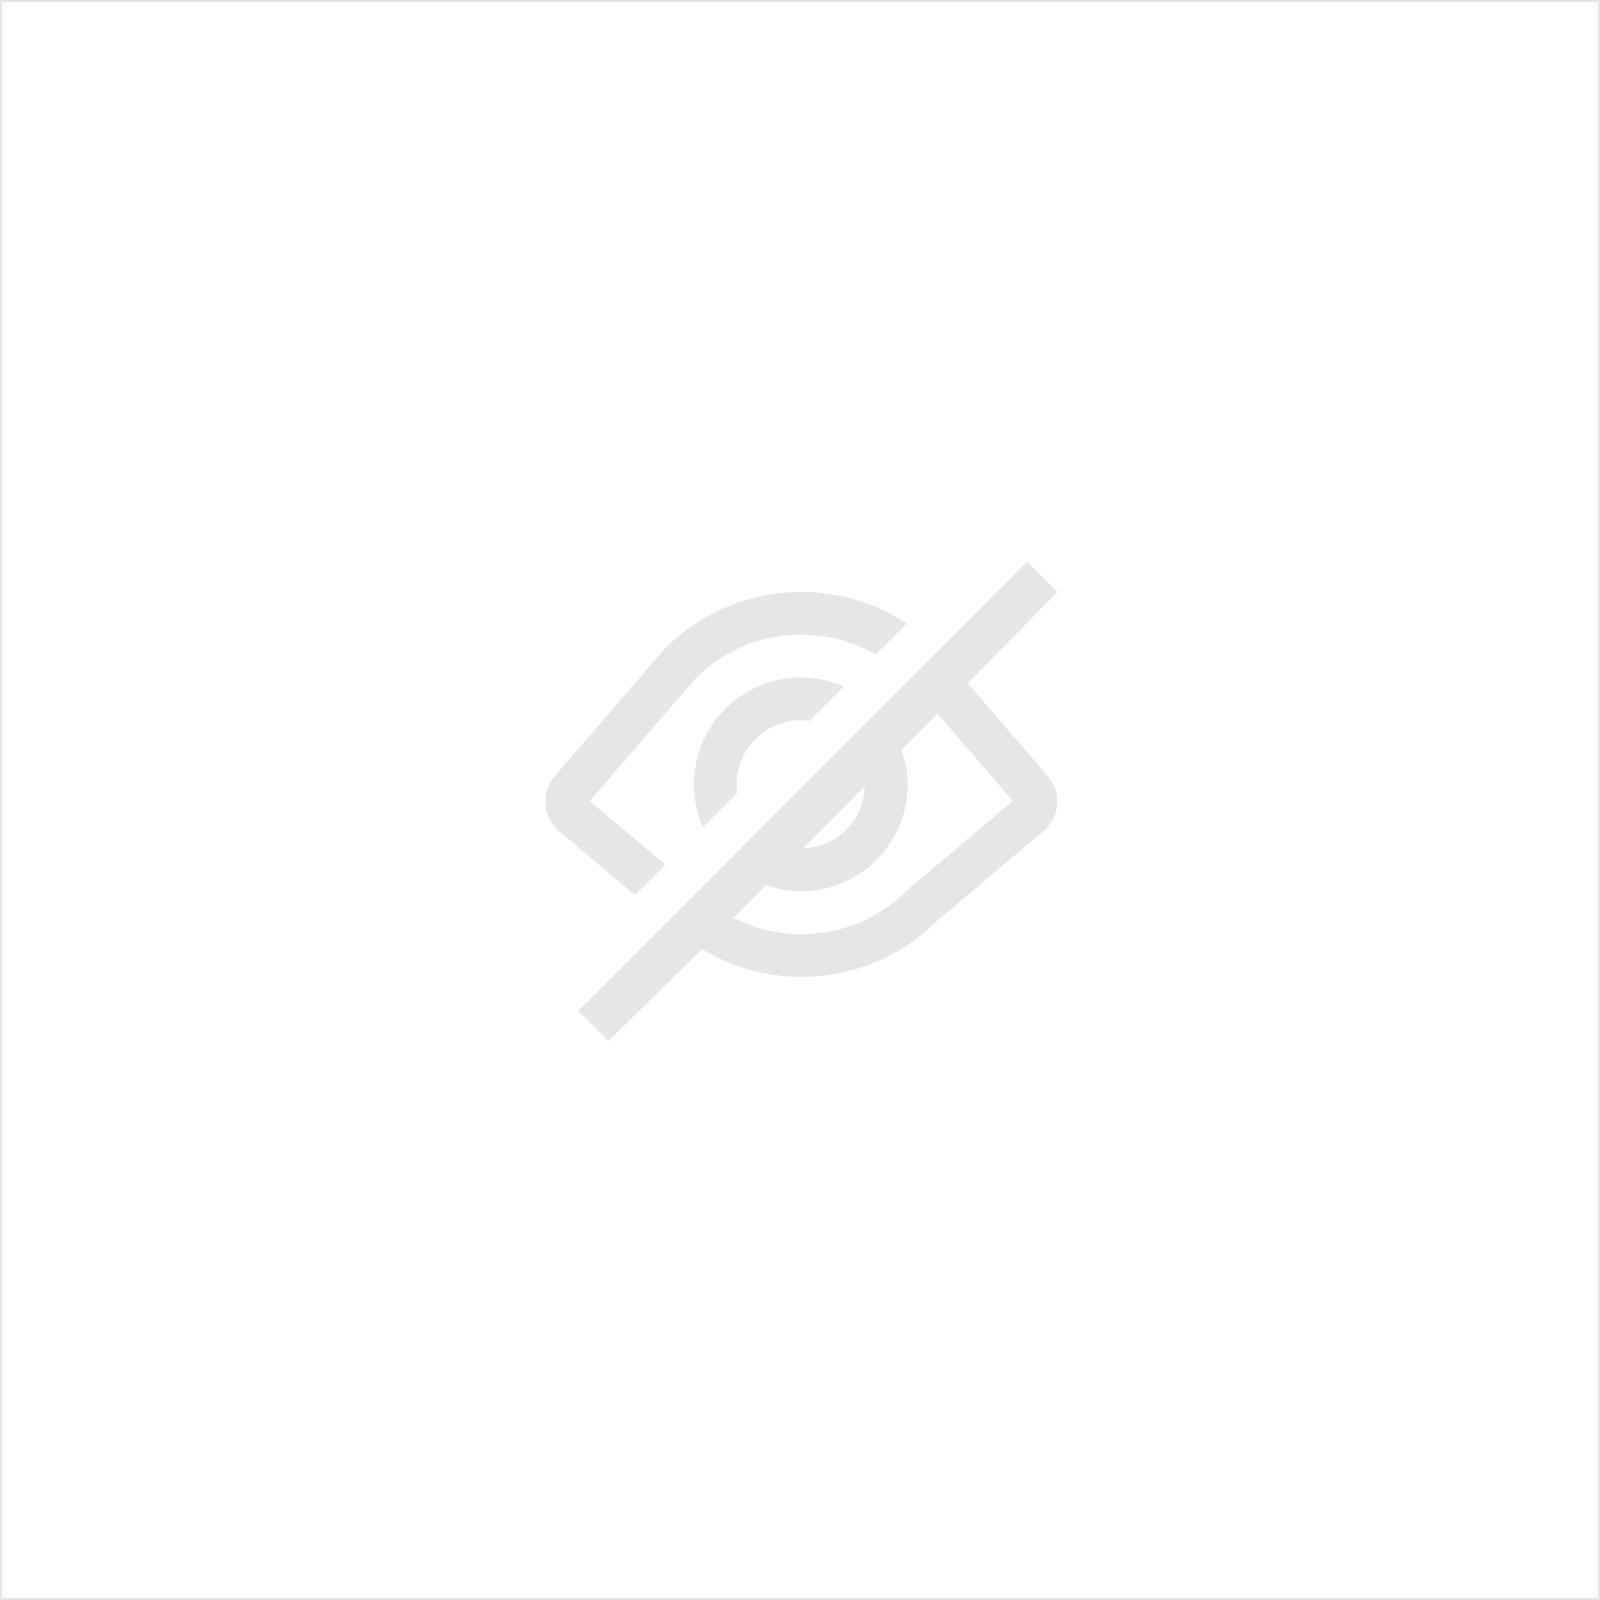 JEU DE MOLETTES OPTIONNELLES FILAGE - WIRING ROLL - POUR BORDEUSE MOULUREUSE